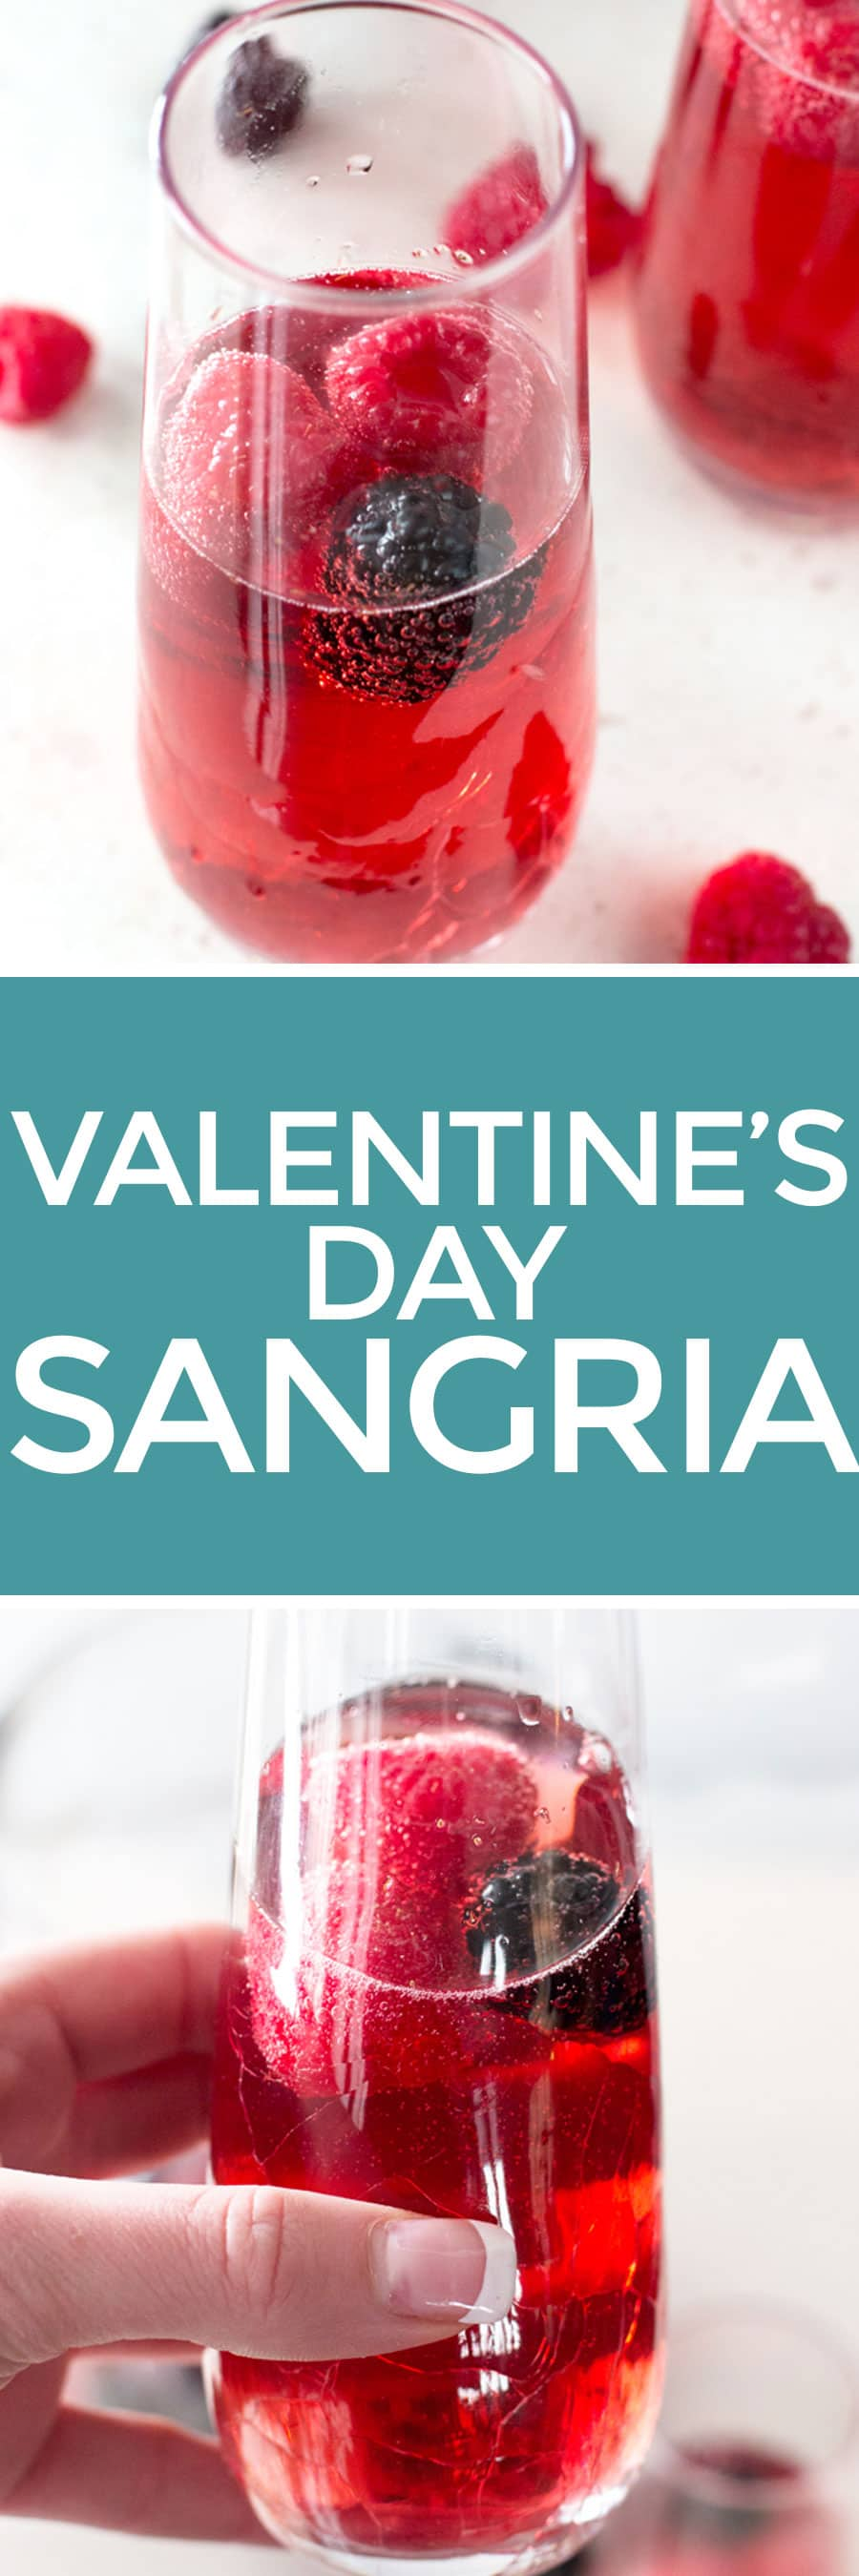 Valentine's Day Sangria | cakenknife.com